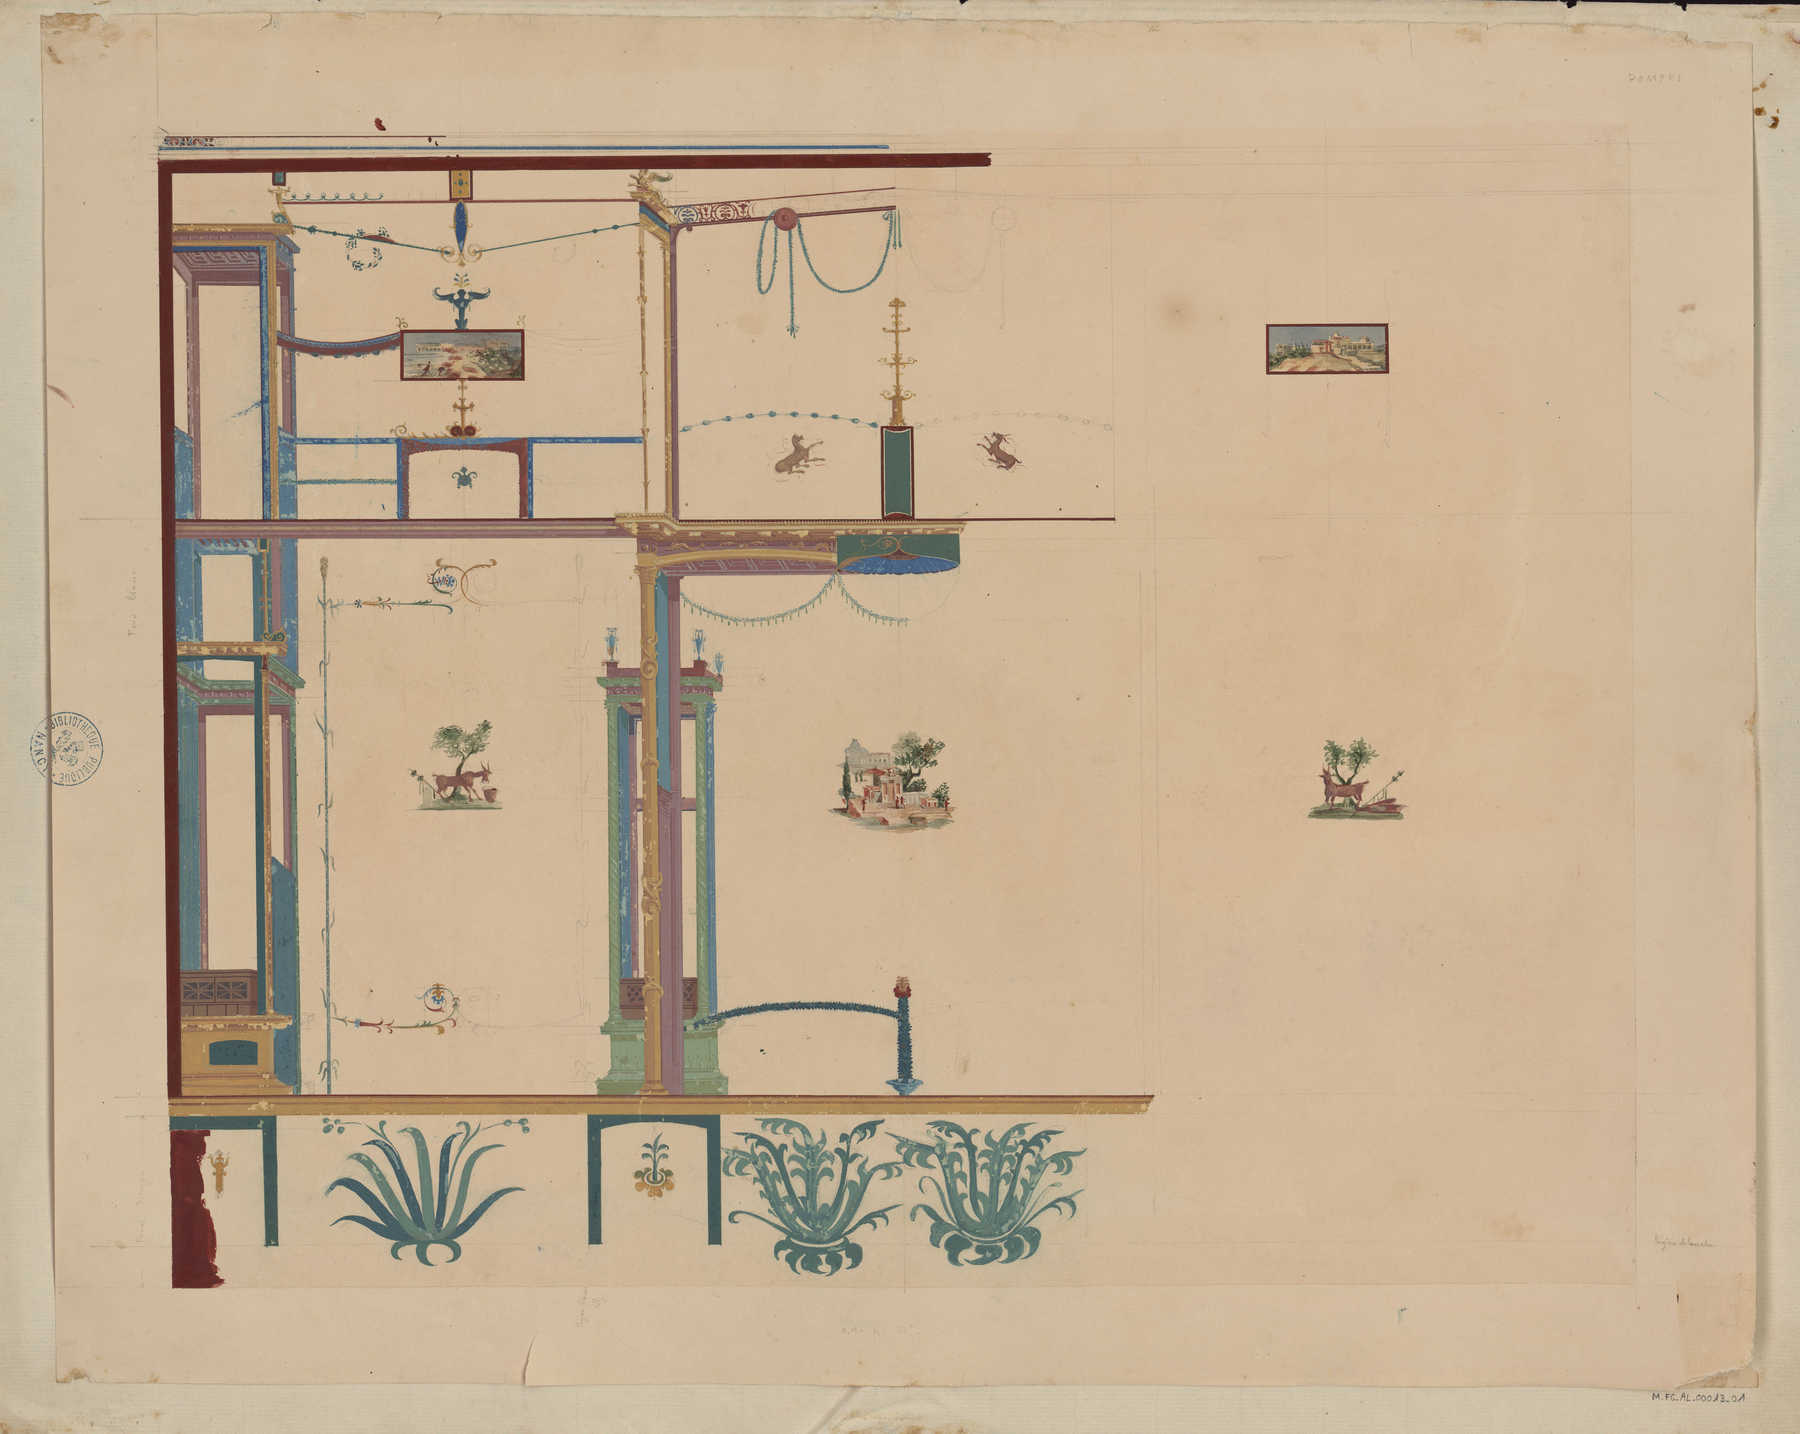 Contenu du Fresque d'un mur d'un édifice de Pompéi